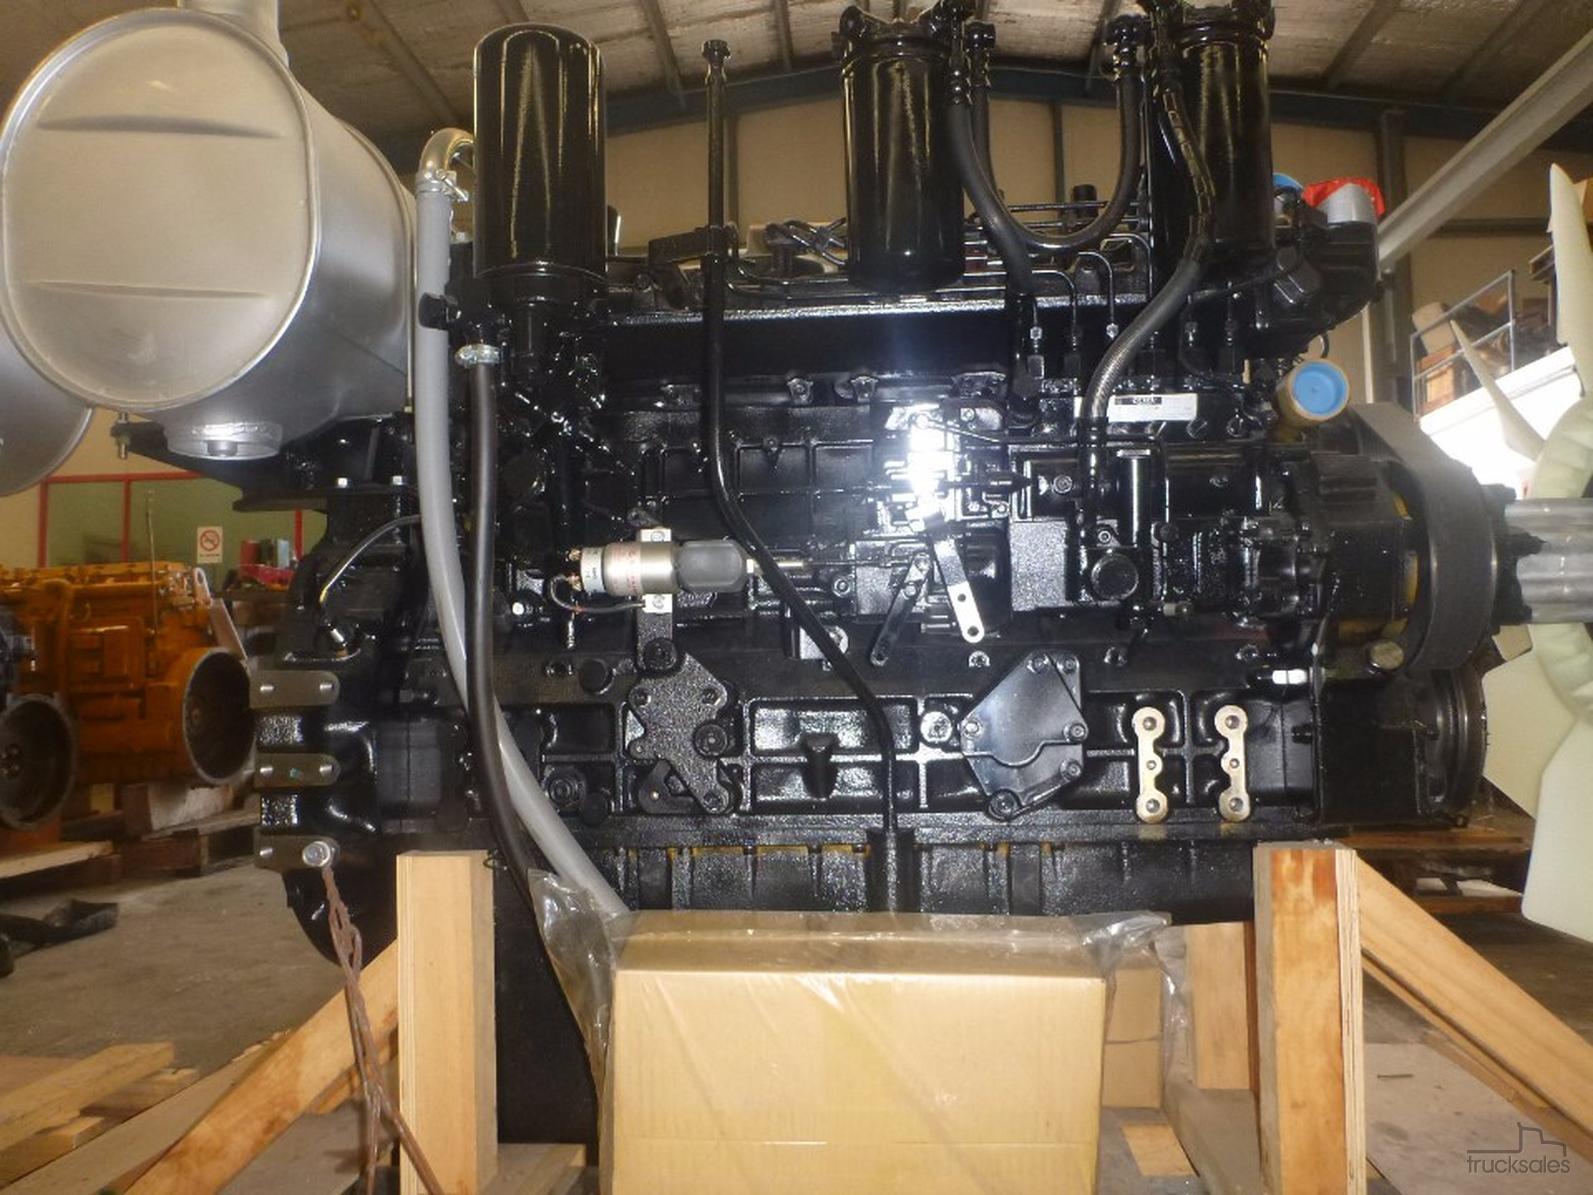 CATERPILLAR 3066-OAG-AD-14834018 - trucksales com au